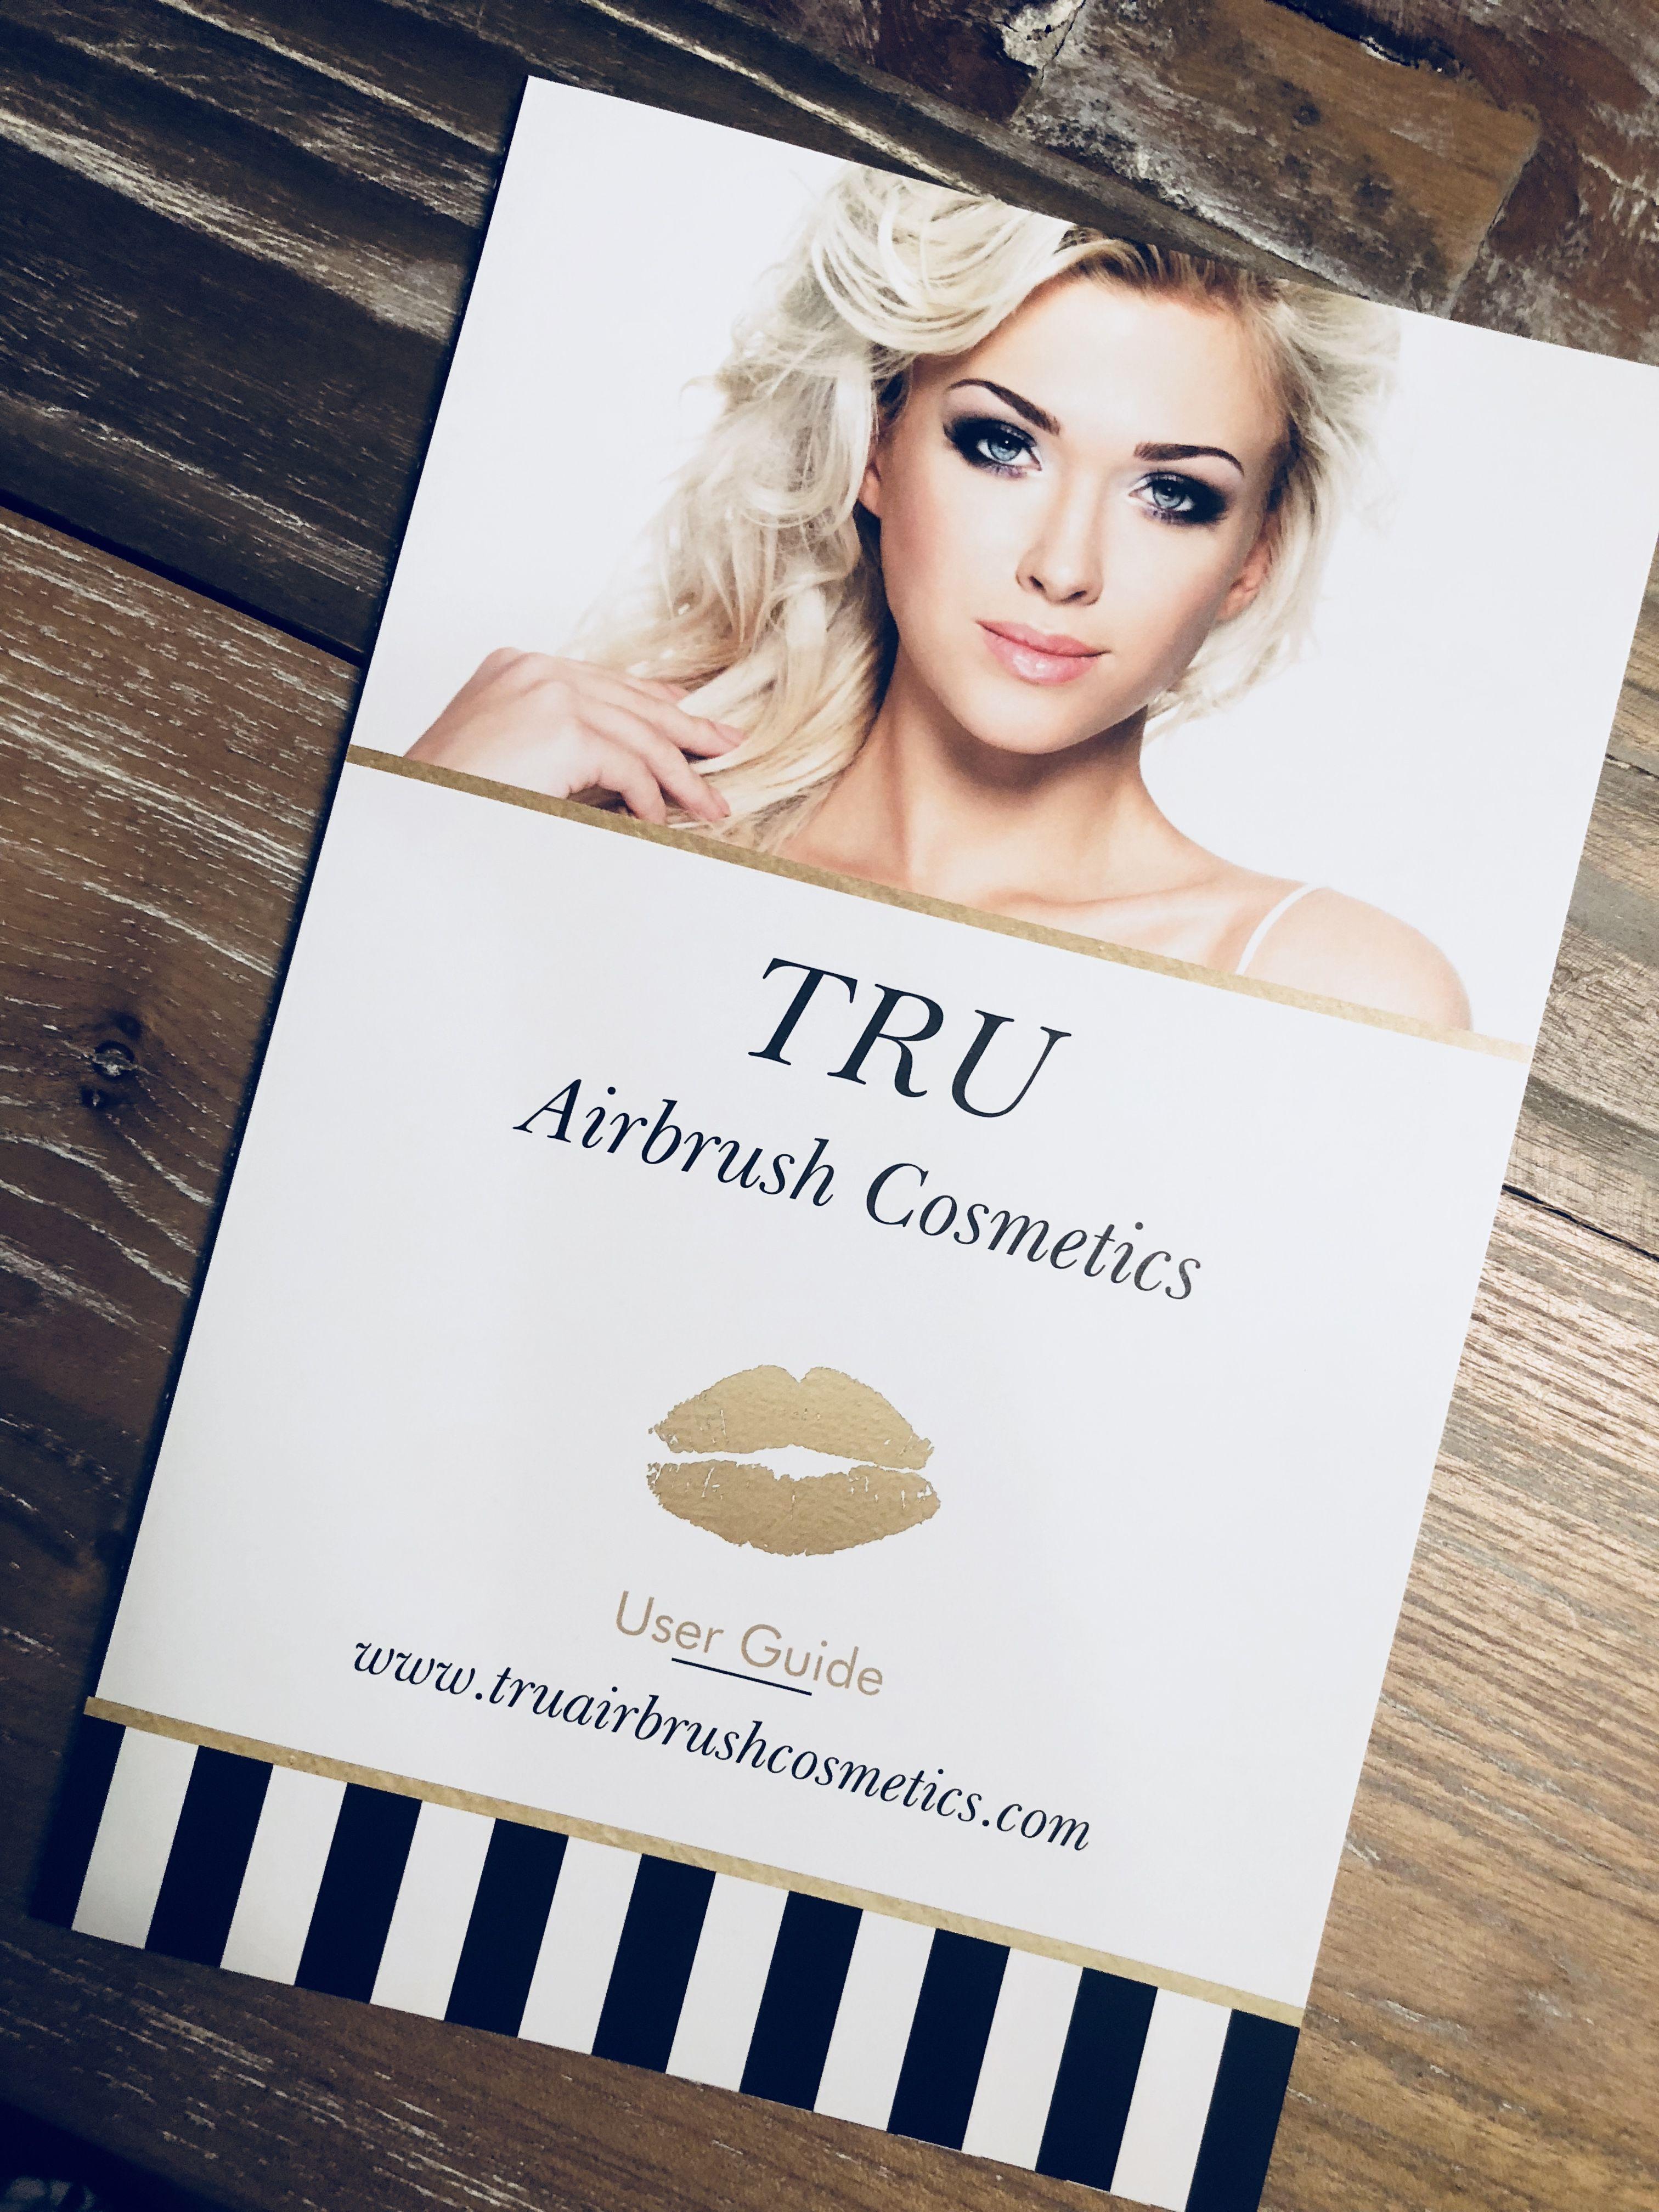 TRU Airbrush Cosmetics! Airbrush makeup, Airbrush